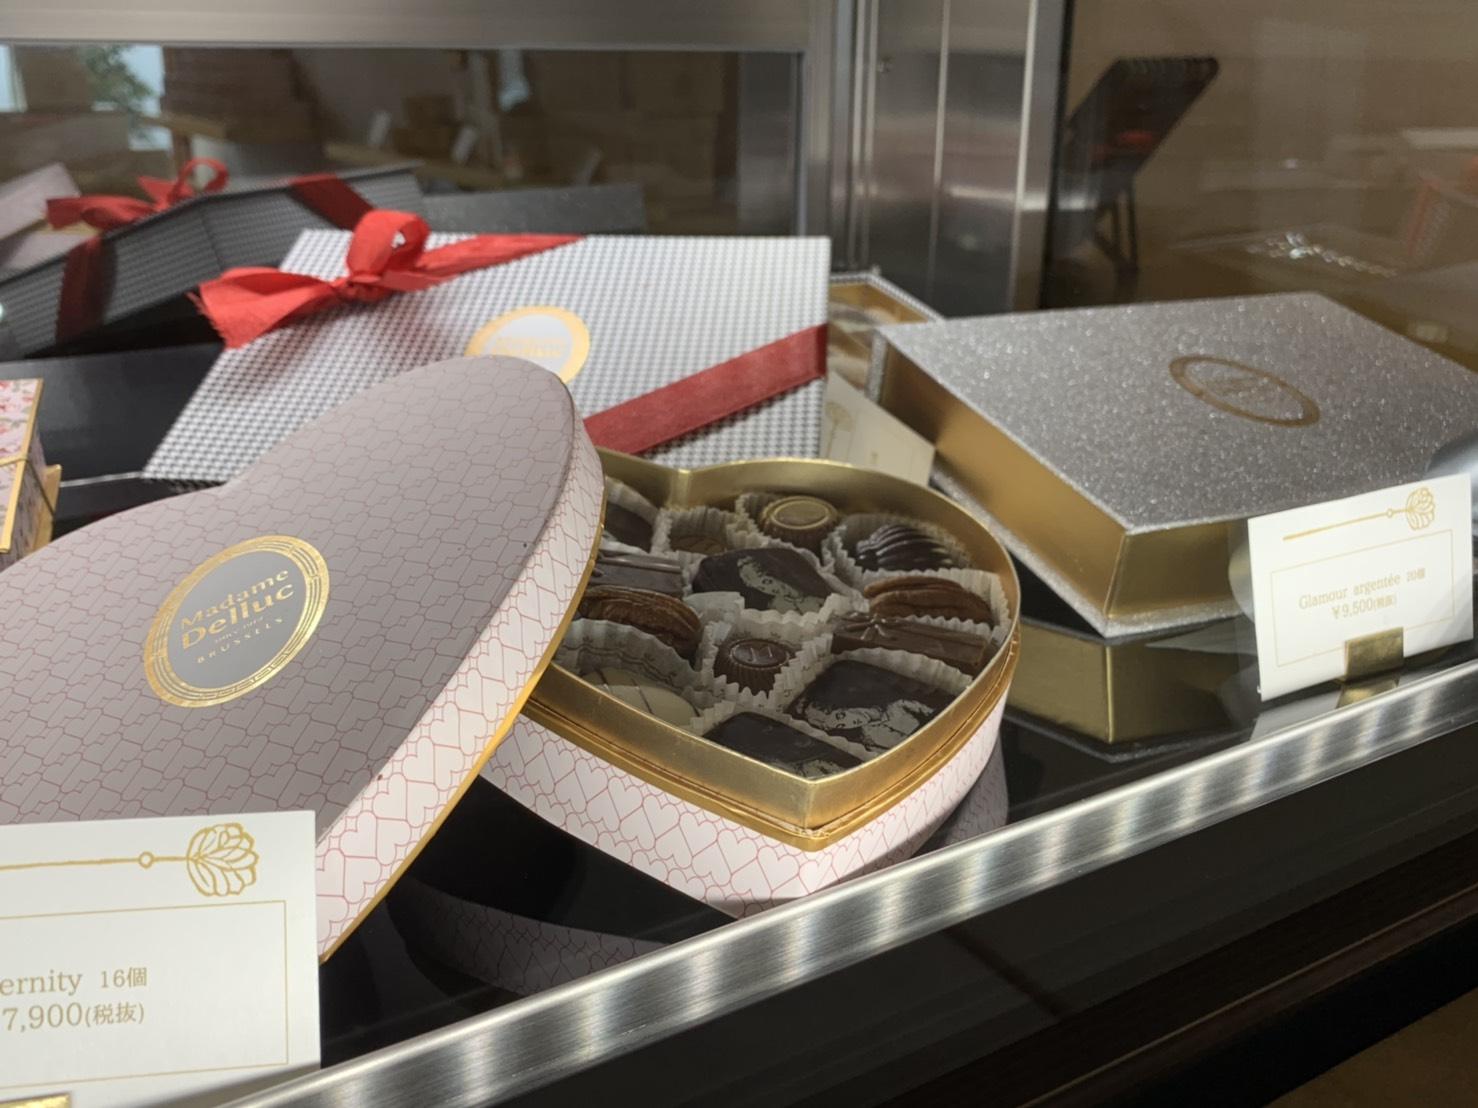 バレンタインにおすすめ♡日本初上陸のインスタ映えチョコレート店「Madame Delluc」がオープン_3